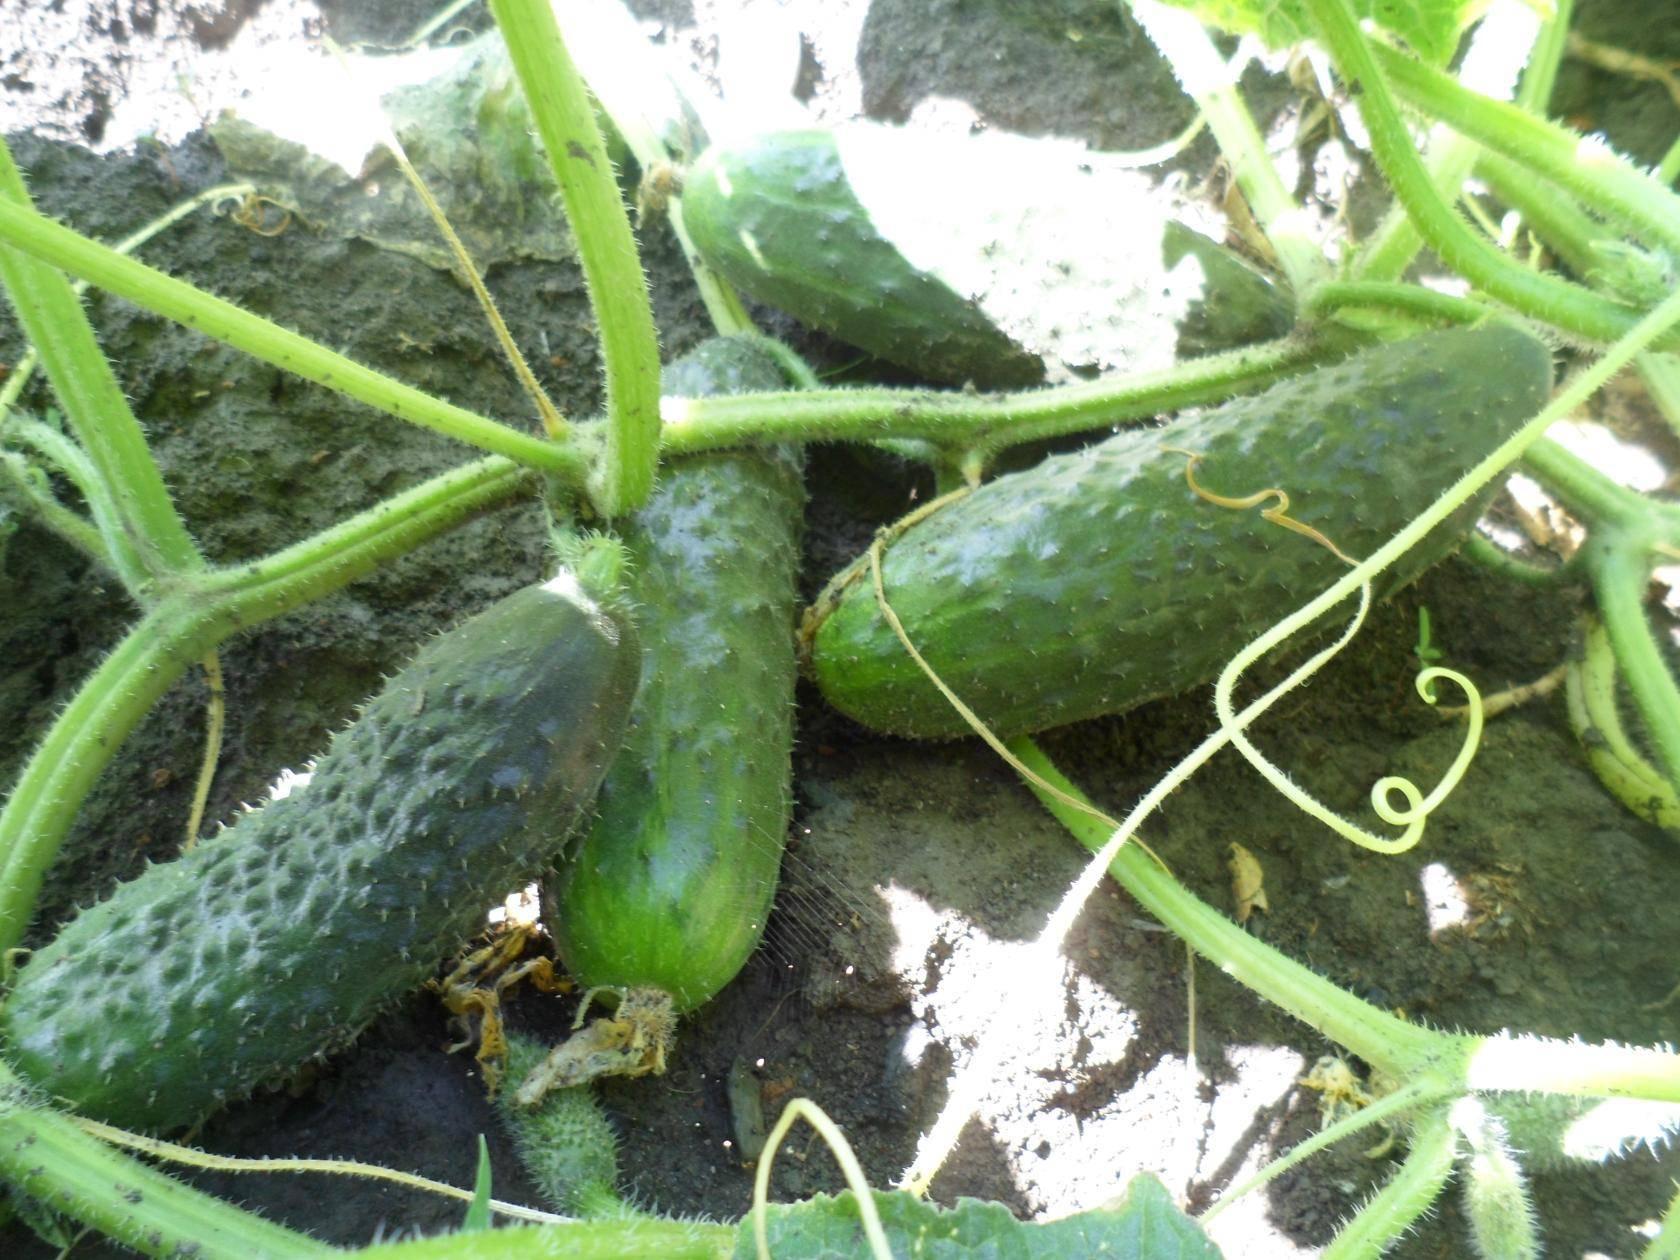 Подкормка для огурцов в теплице — когда и какие удобрения вносить?